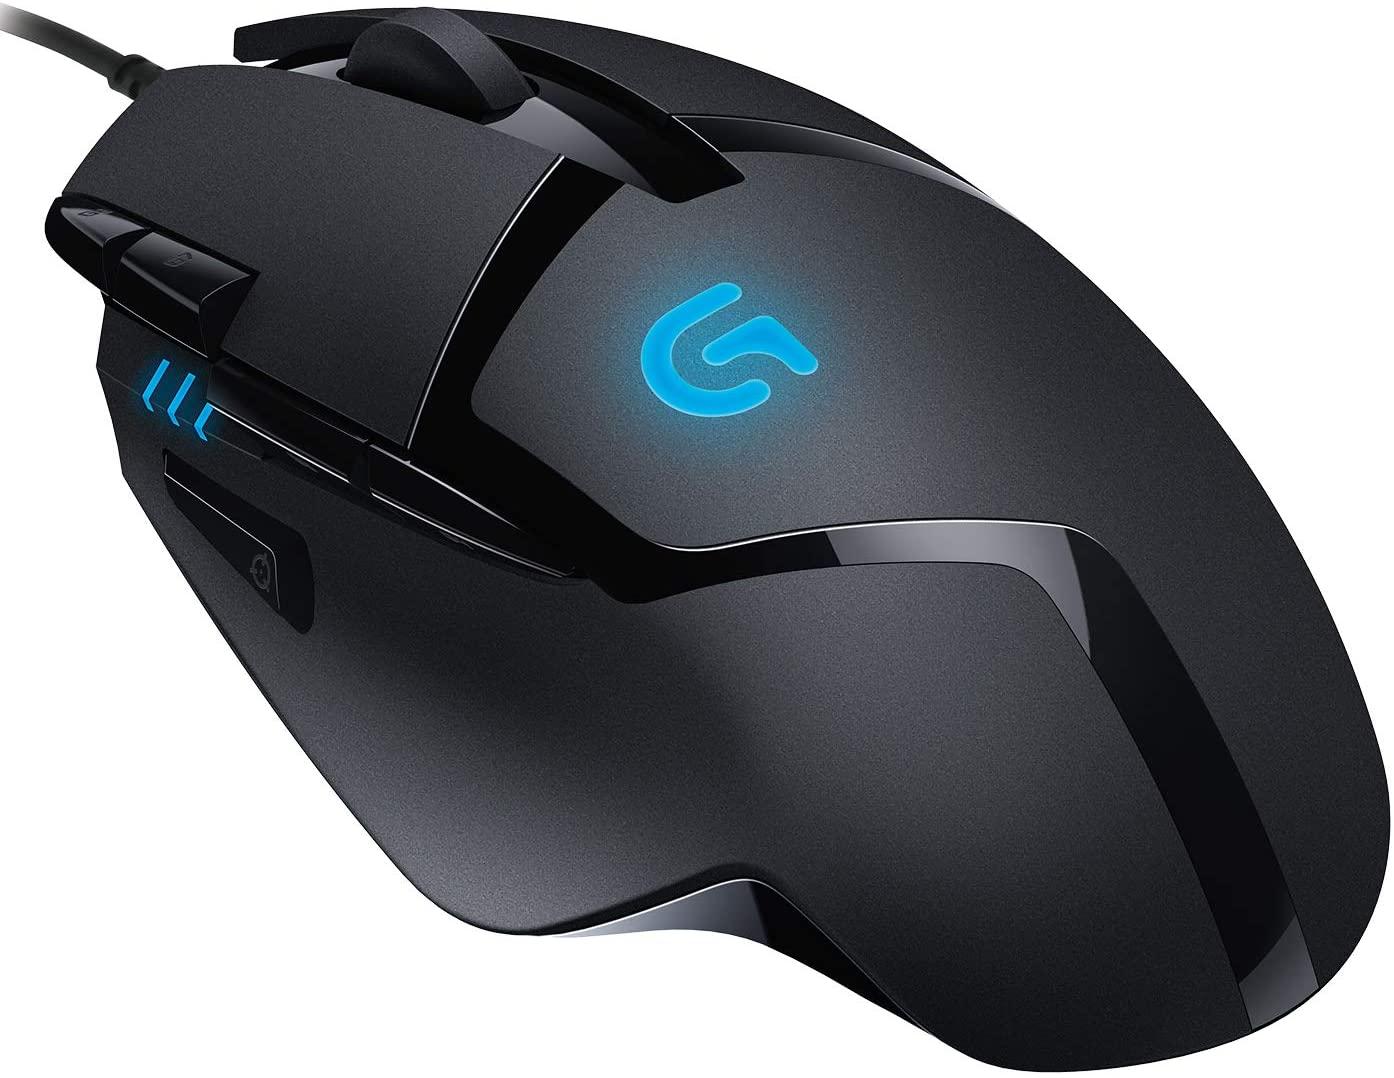 Logitech G402 Hyperion Fury Gaming-Maus, 4000 DPI Optischer Sensor, 8 Programmierbare Tasten